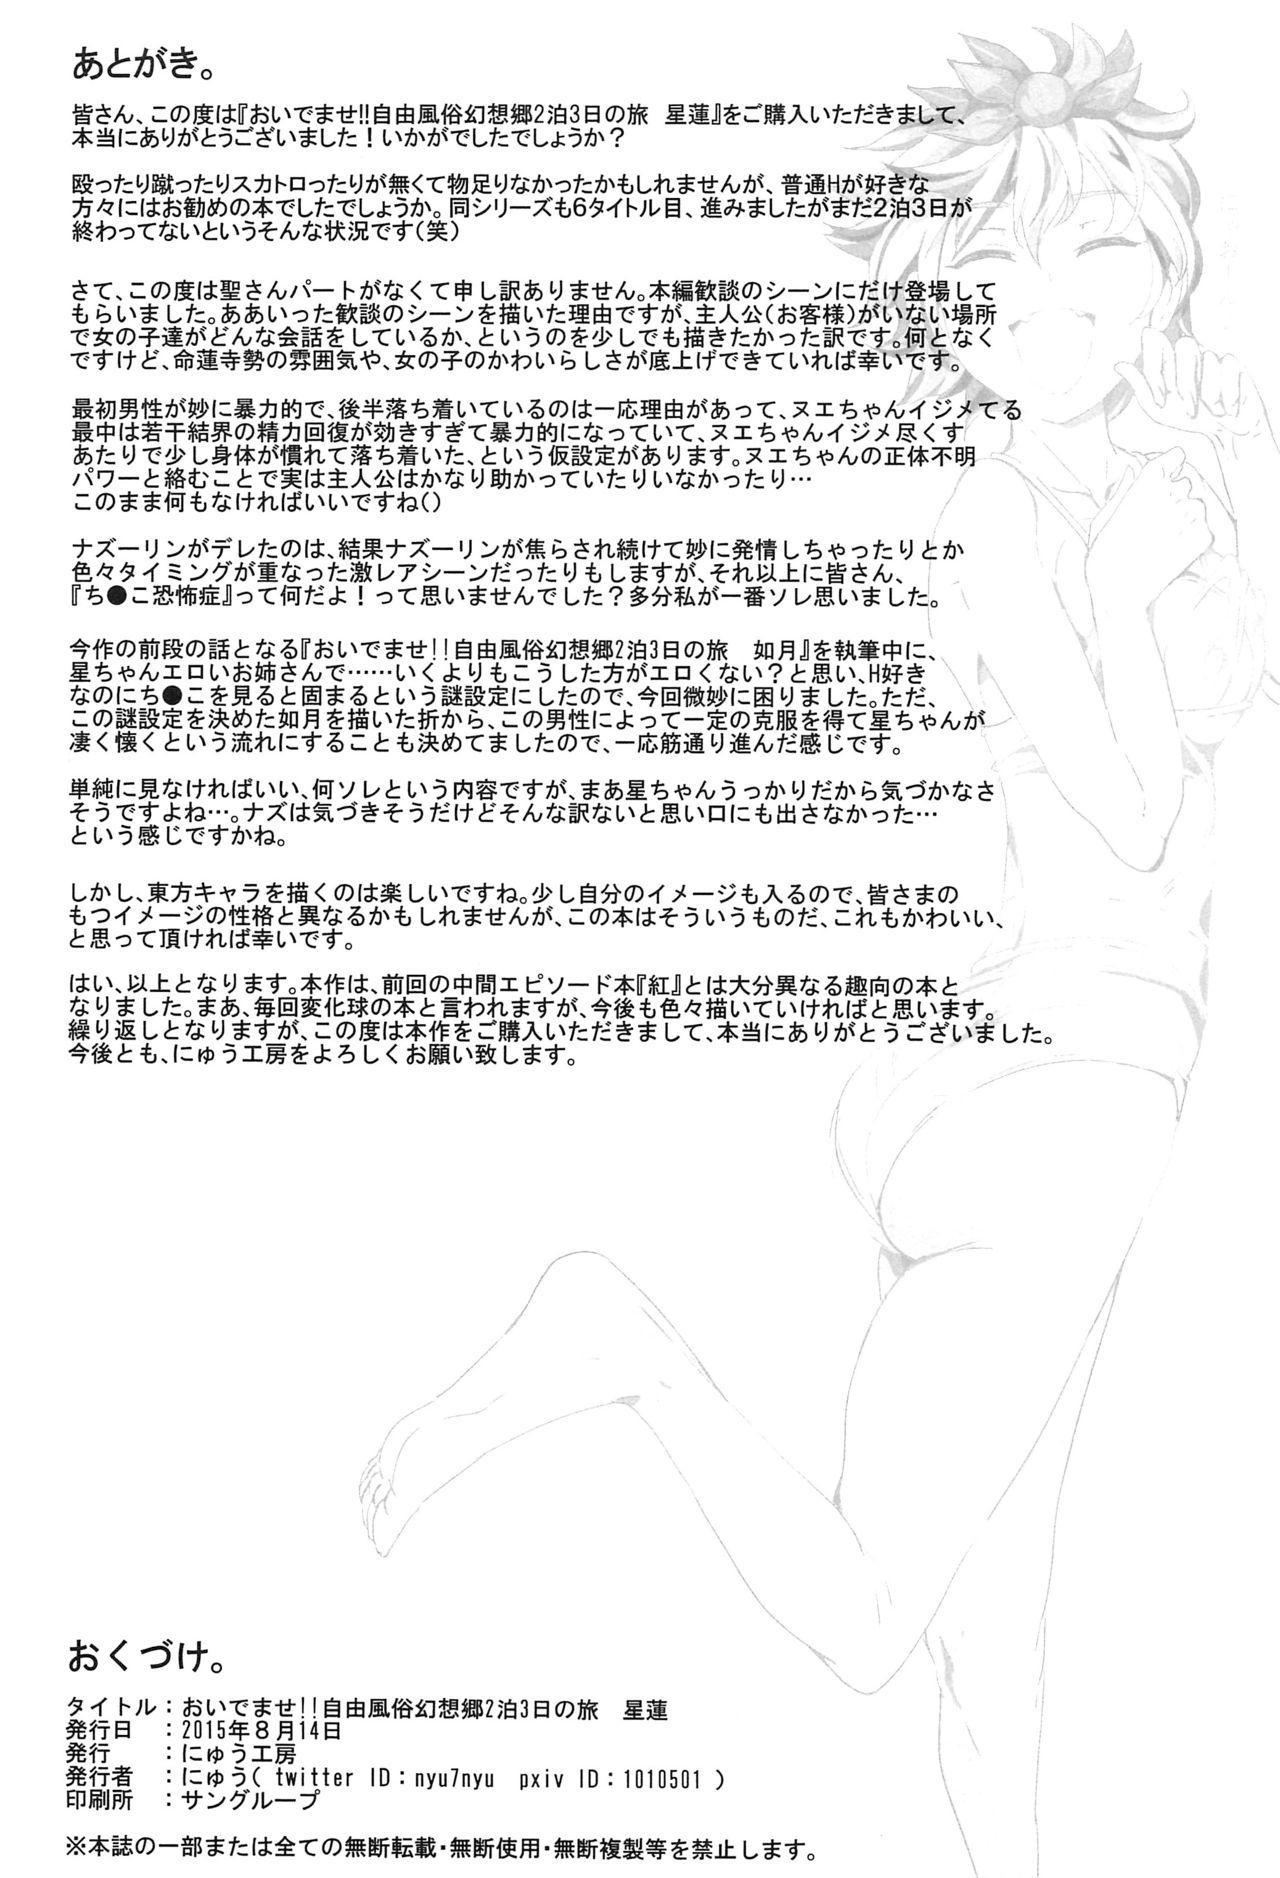 (C88) [Nyuu Koubou (Nyuu)] Oidemase!! Jiyuu Fuuzoku Gensoukyou 2-haku 3-kka no Tabi - Seiren (Touhou Project) [English] [Hong_Mei_Ling] 28